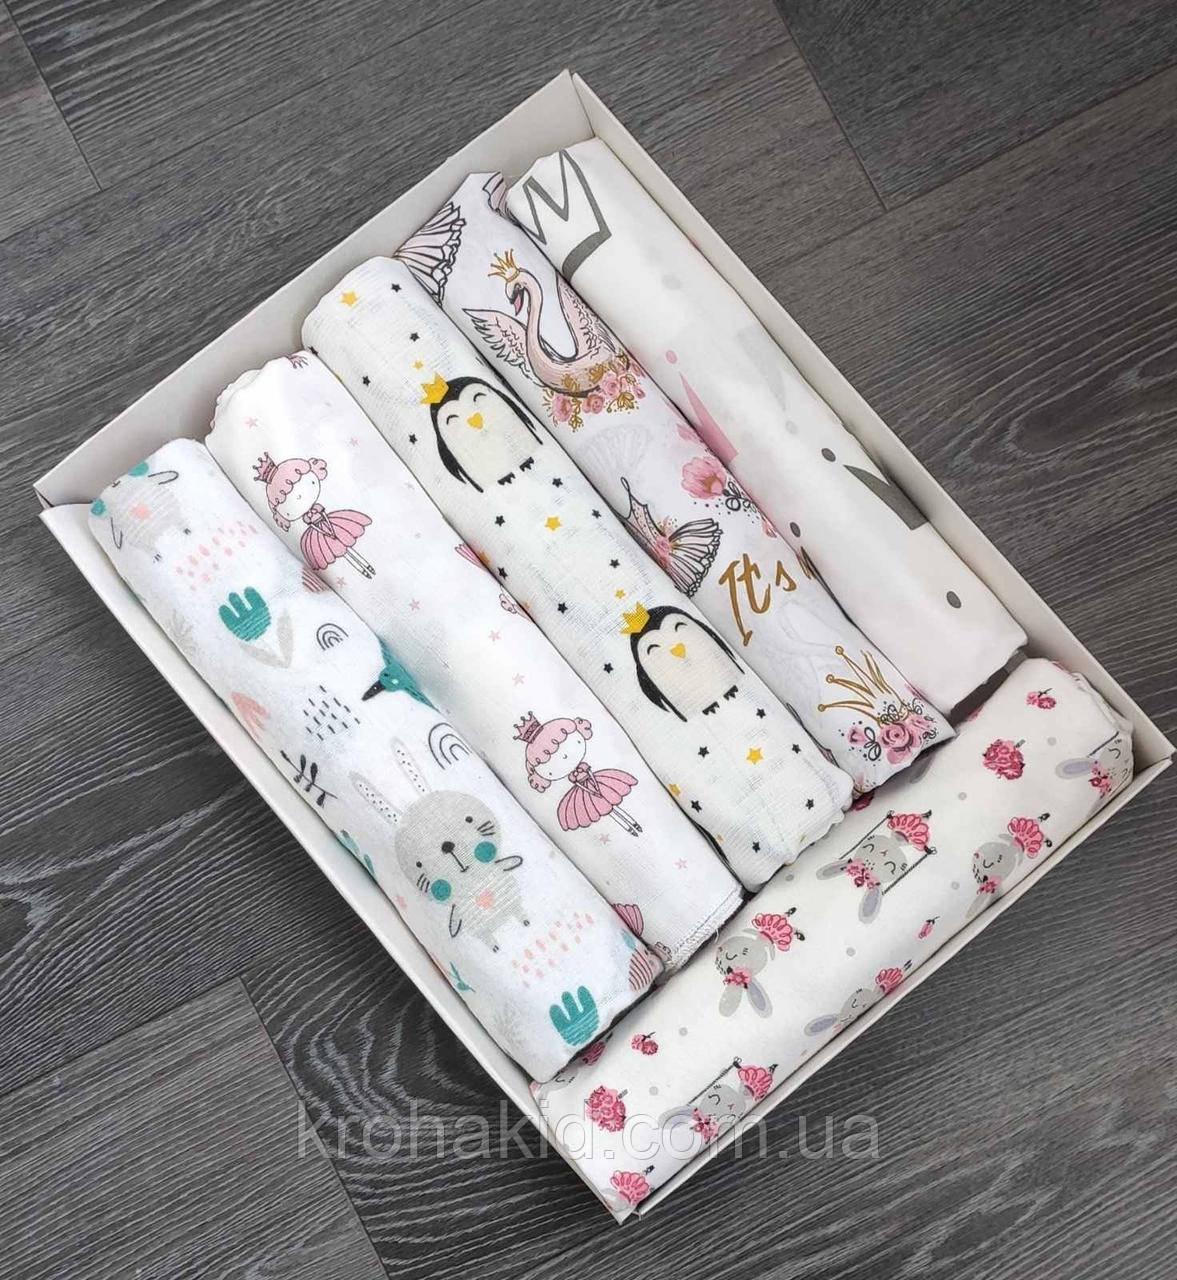 Набор детских пеленок байка, хлопок, муслин (6 шт) для девочки / для мальчика / универсальные - 100 х 80 см